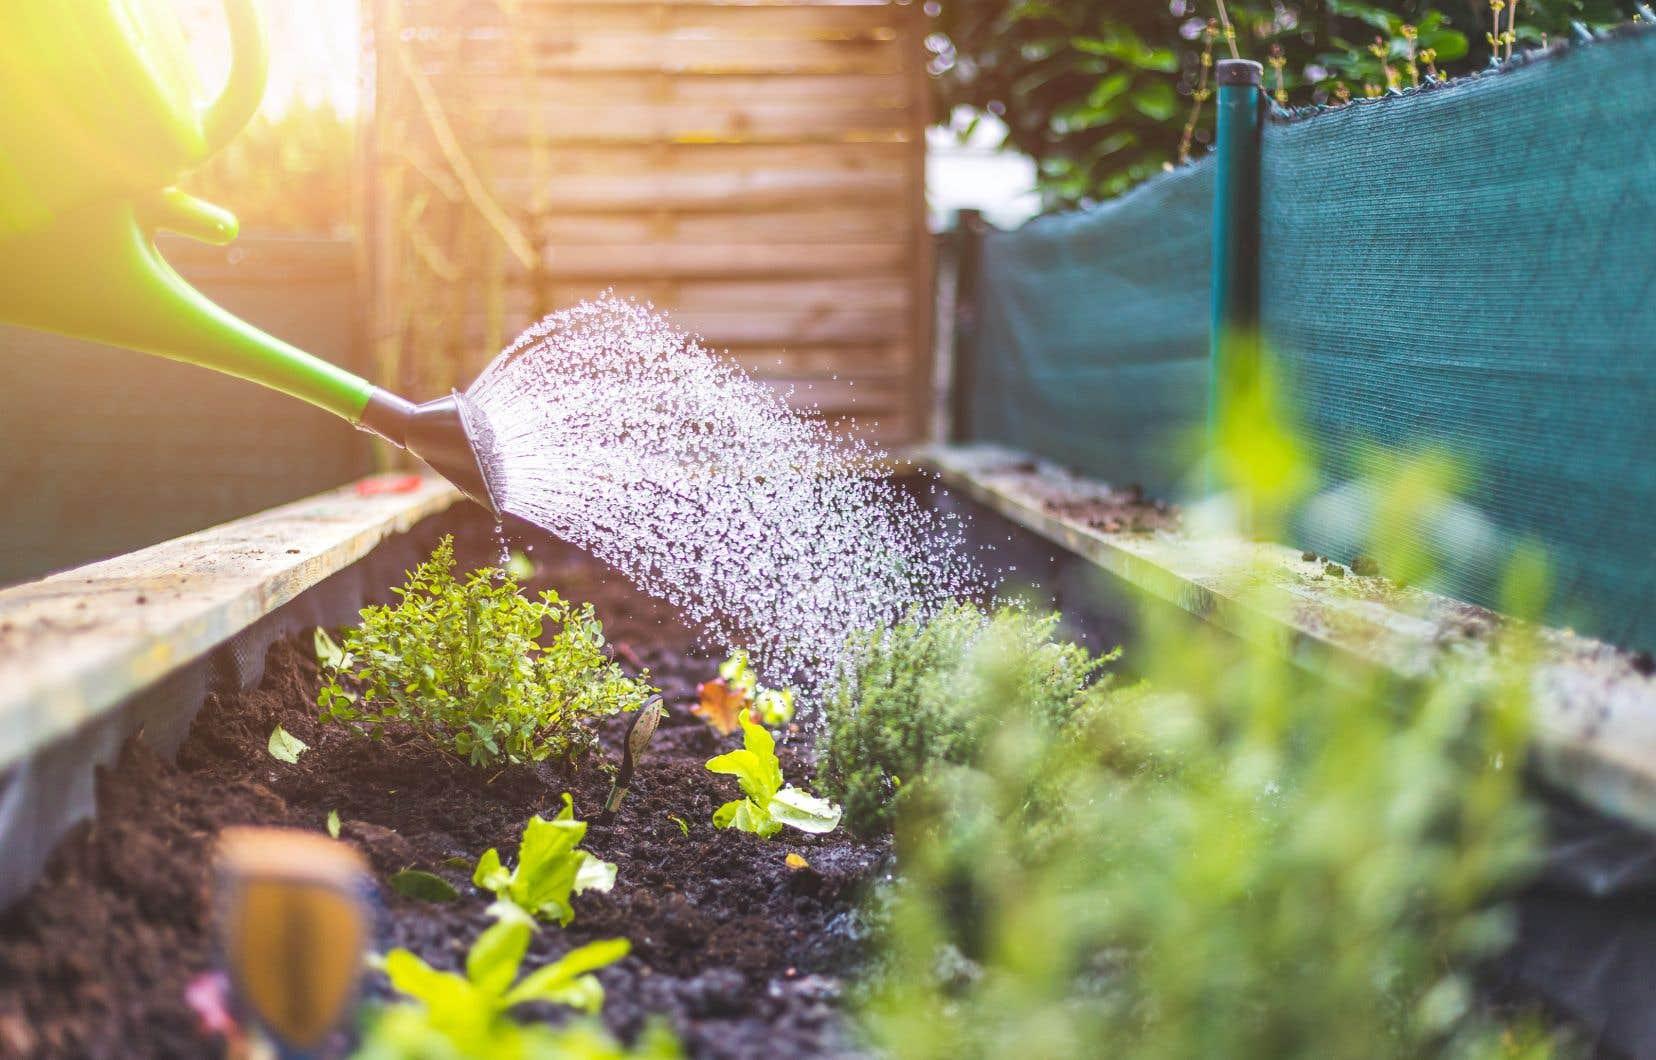 Il est toujours préférable d'offrir l'eau aux plantes avant qu'elles en aient besoin de la même façon qu'il est préférable de boire avant d'être déshydraté.